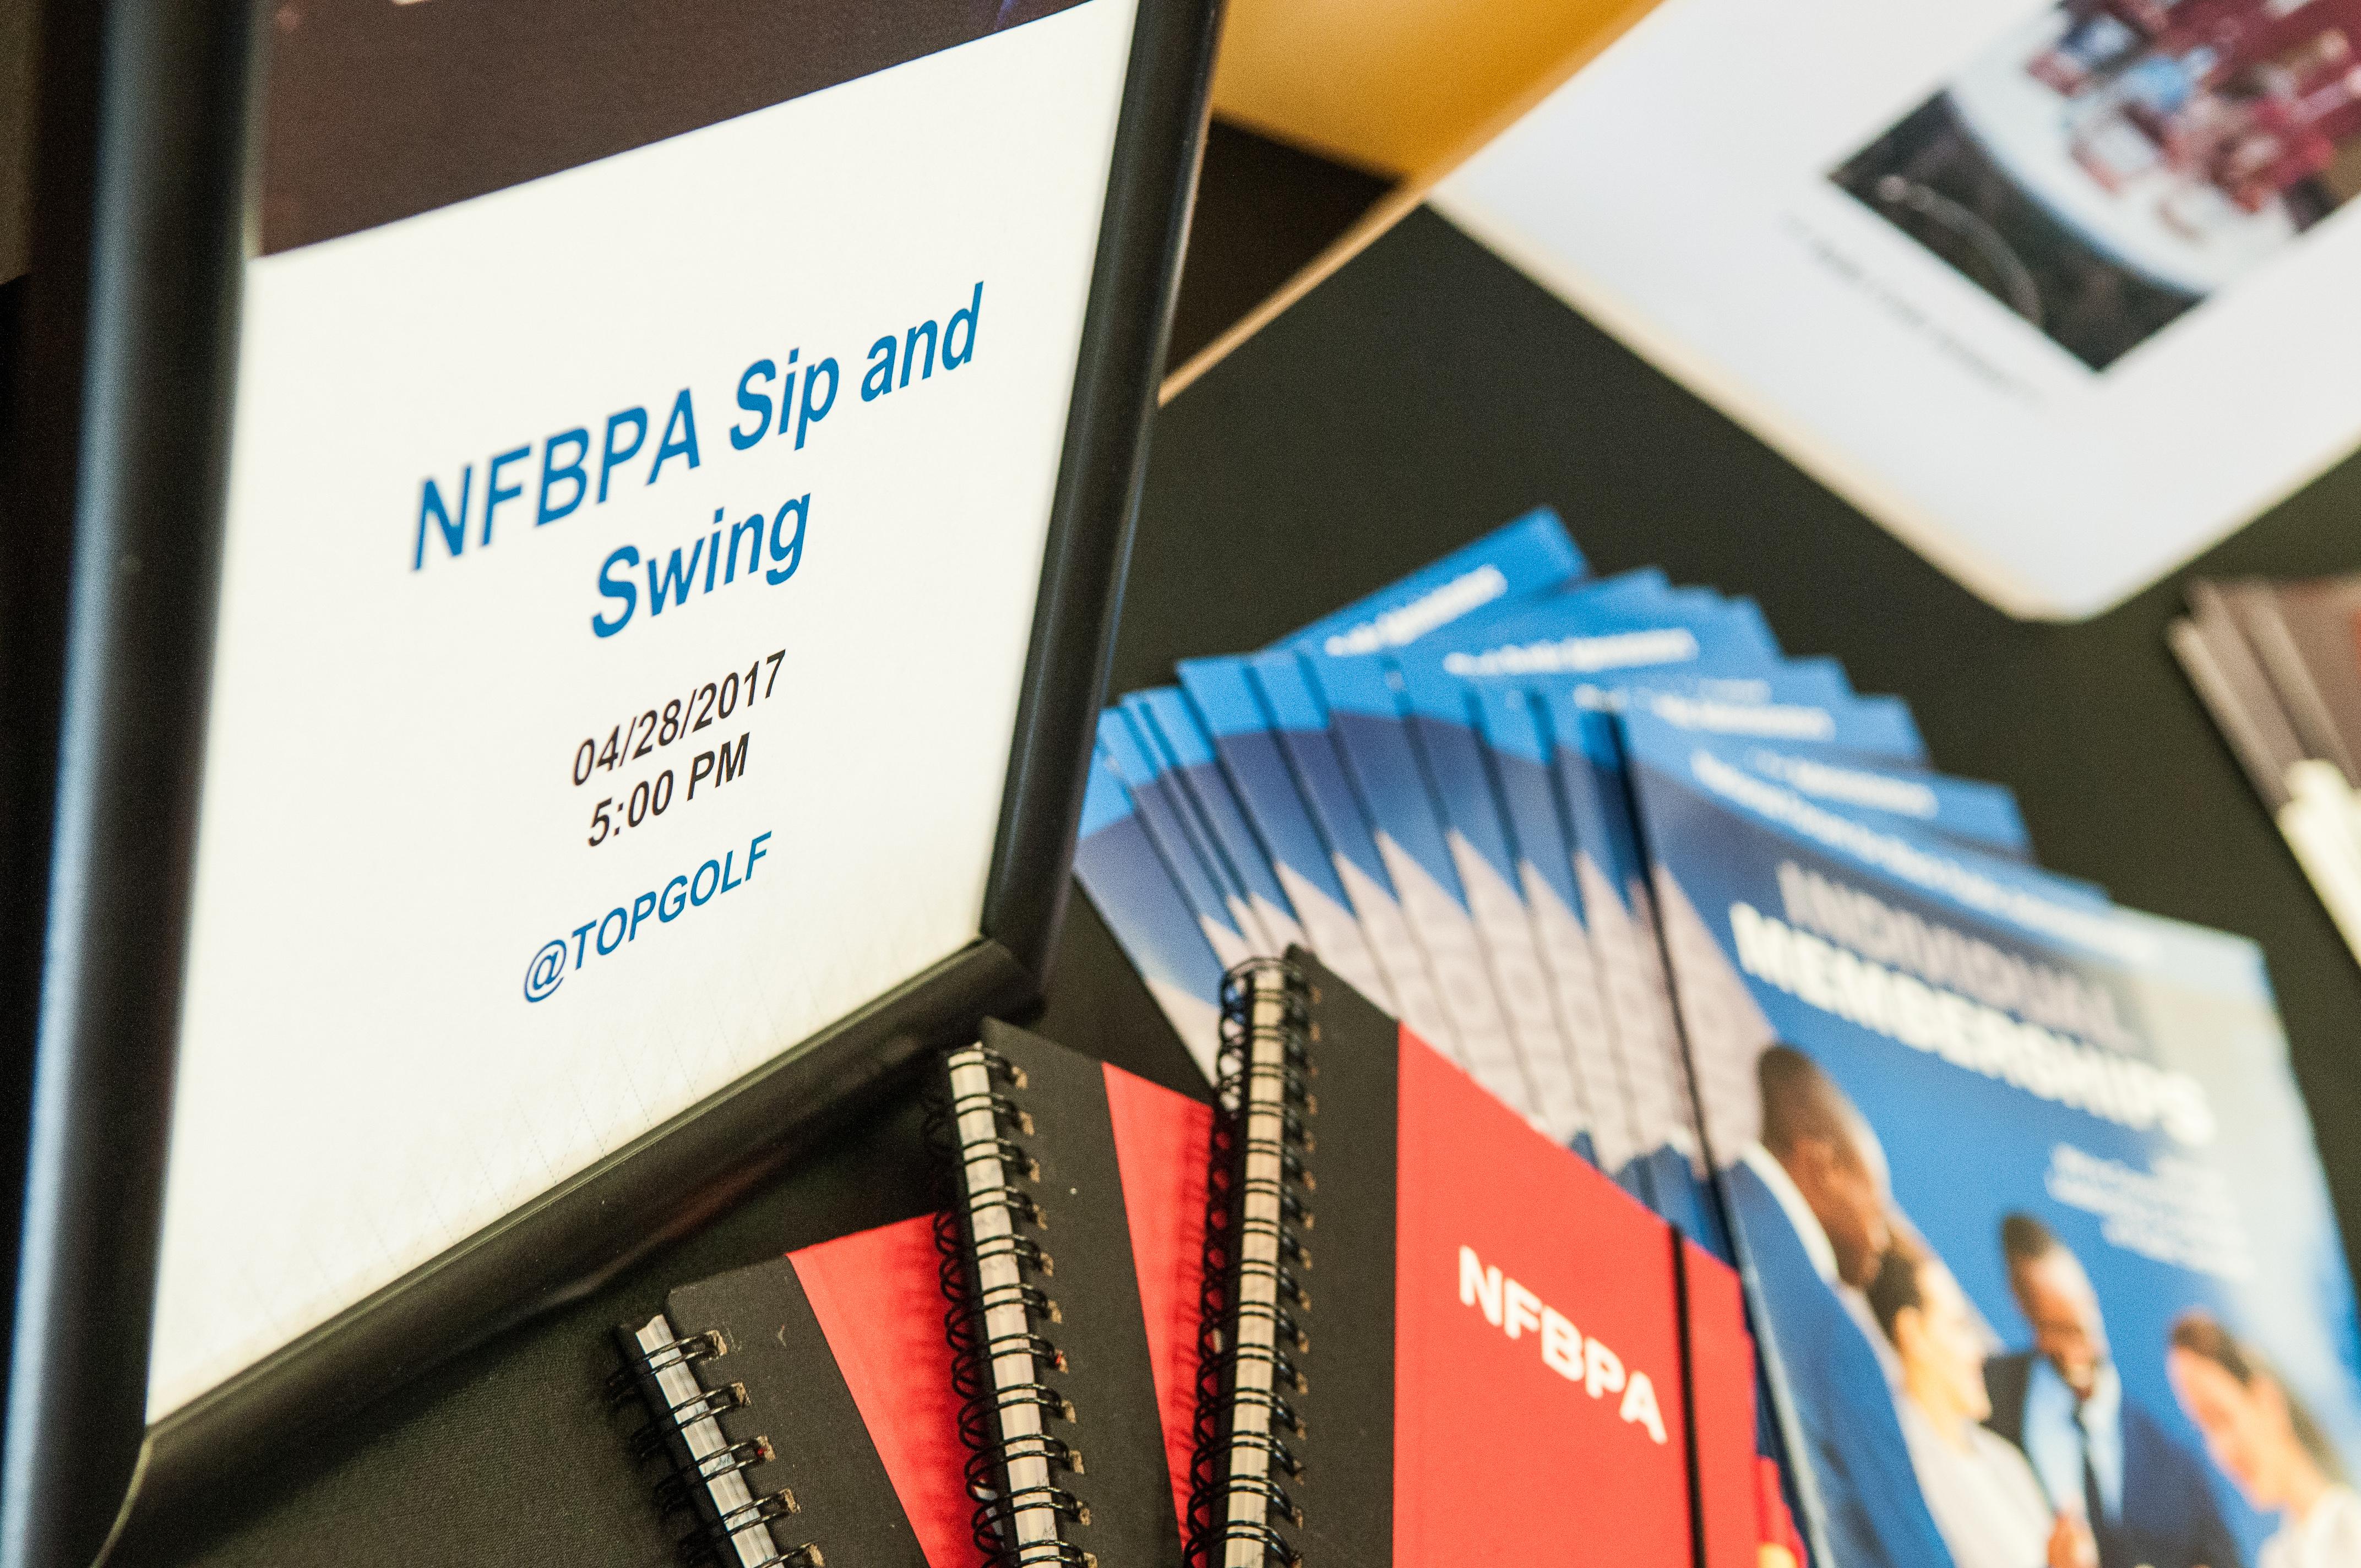 NFBPASS17-1